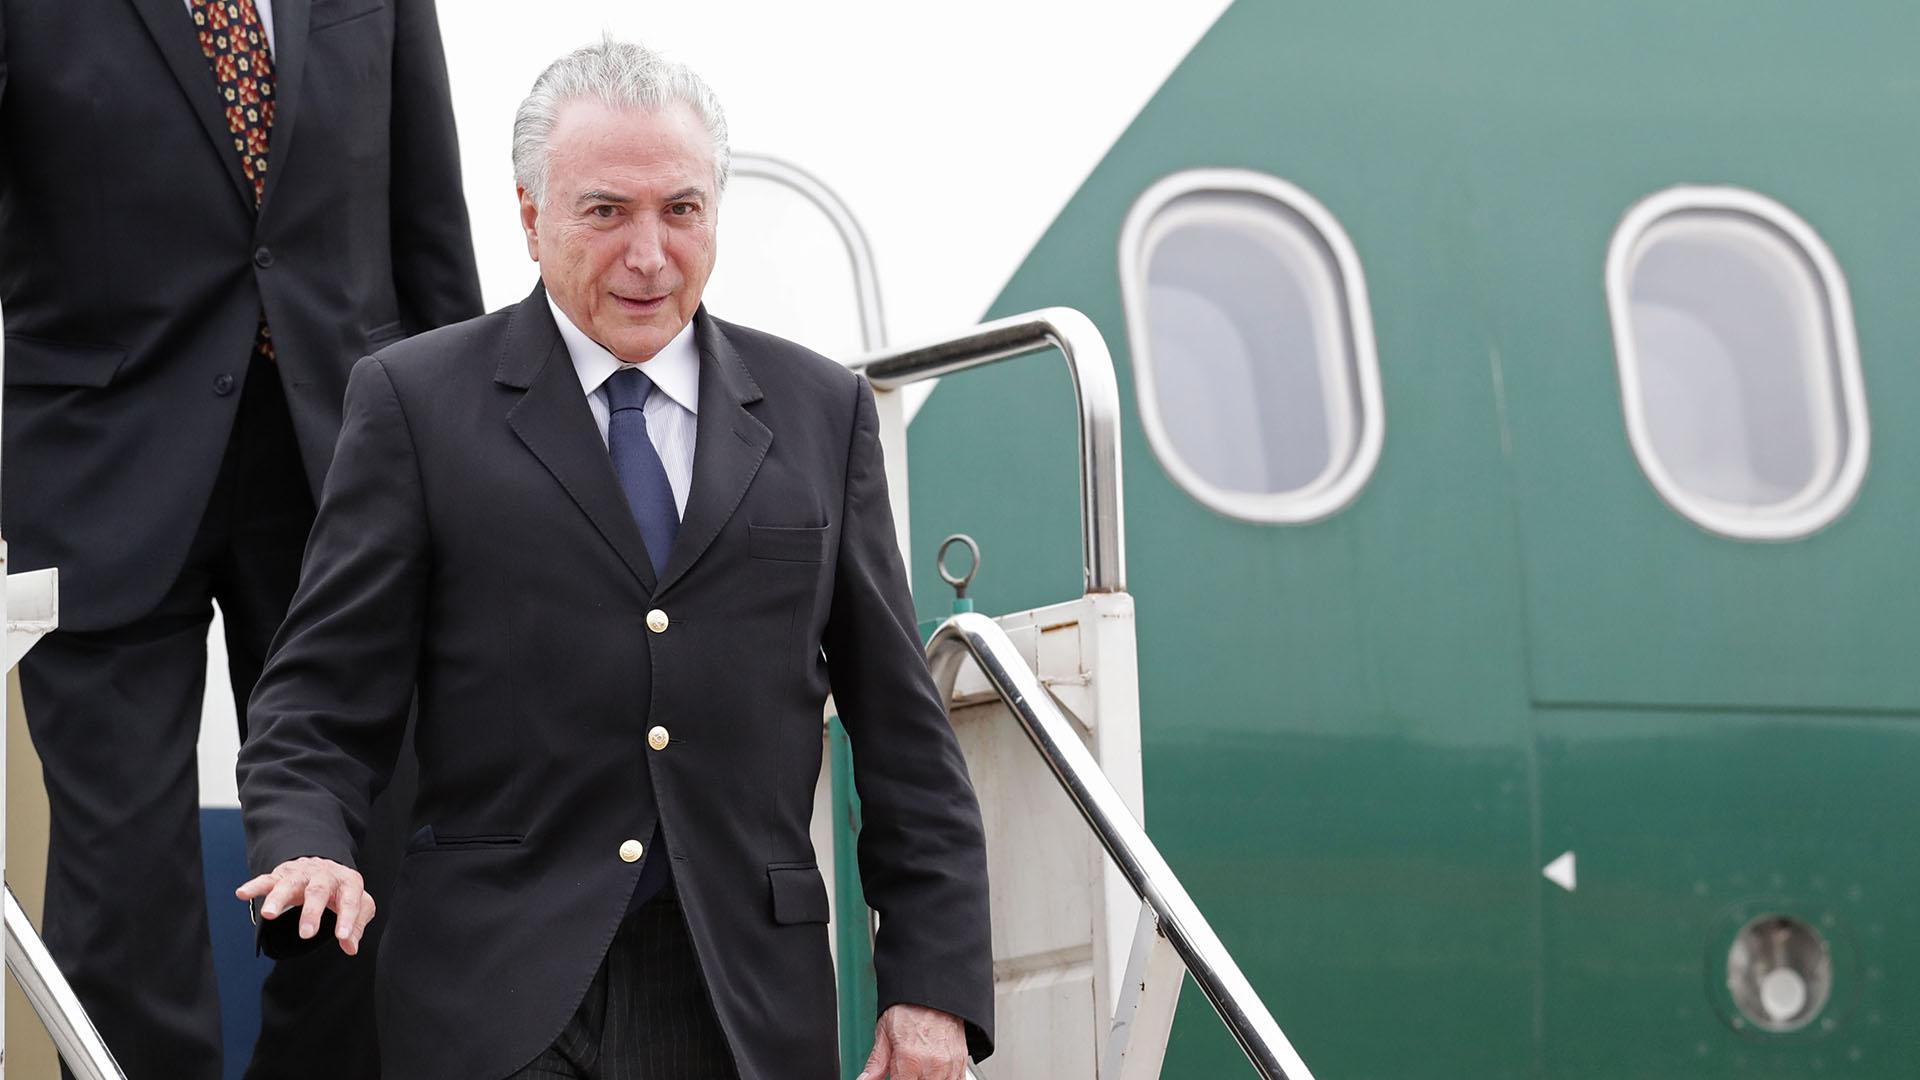 El saliente presidente de BrasilMichel Temer